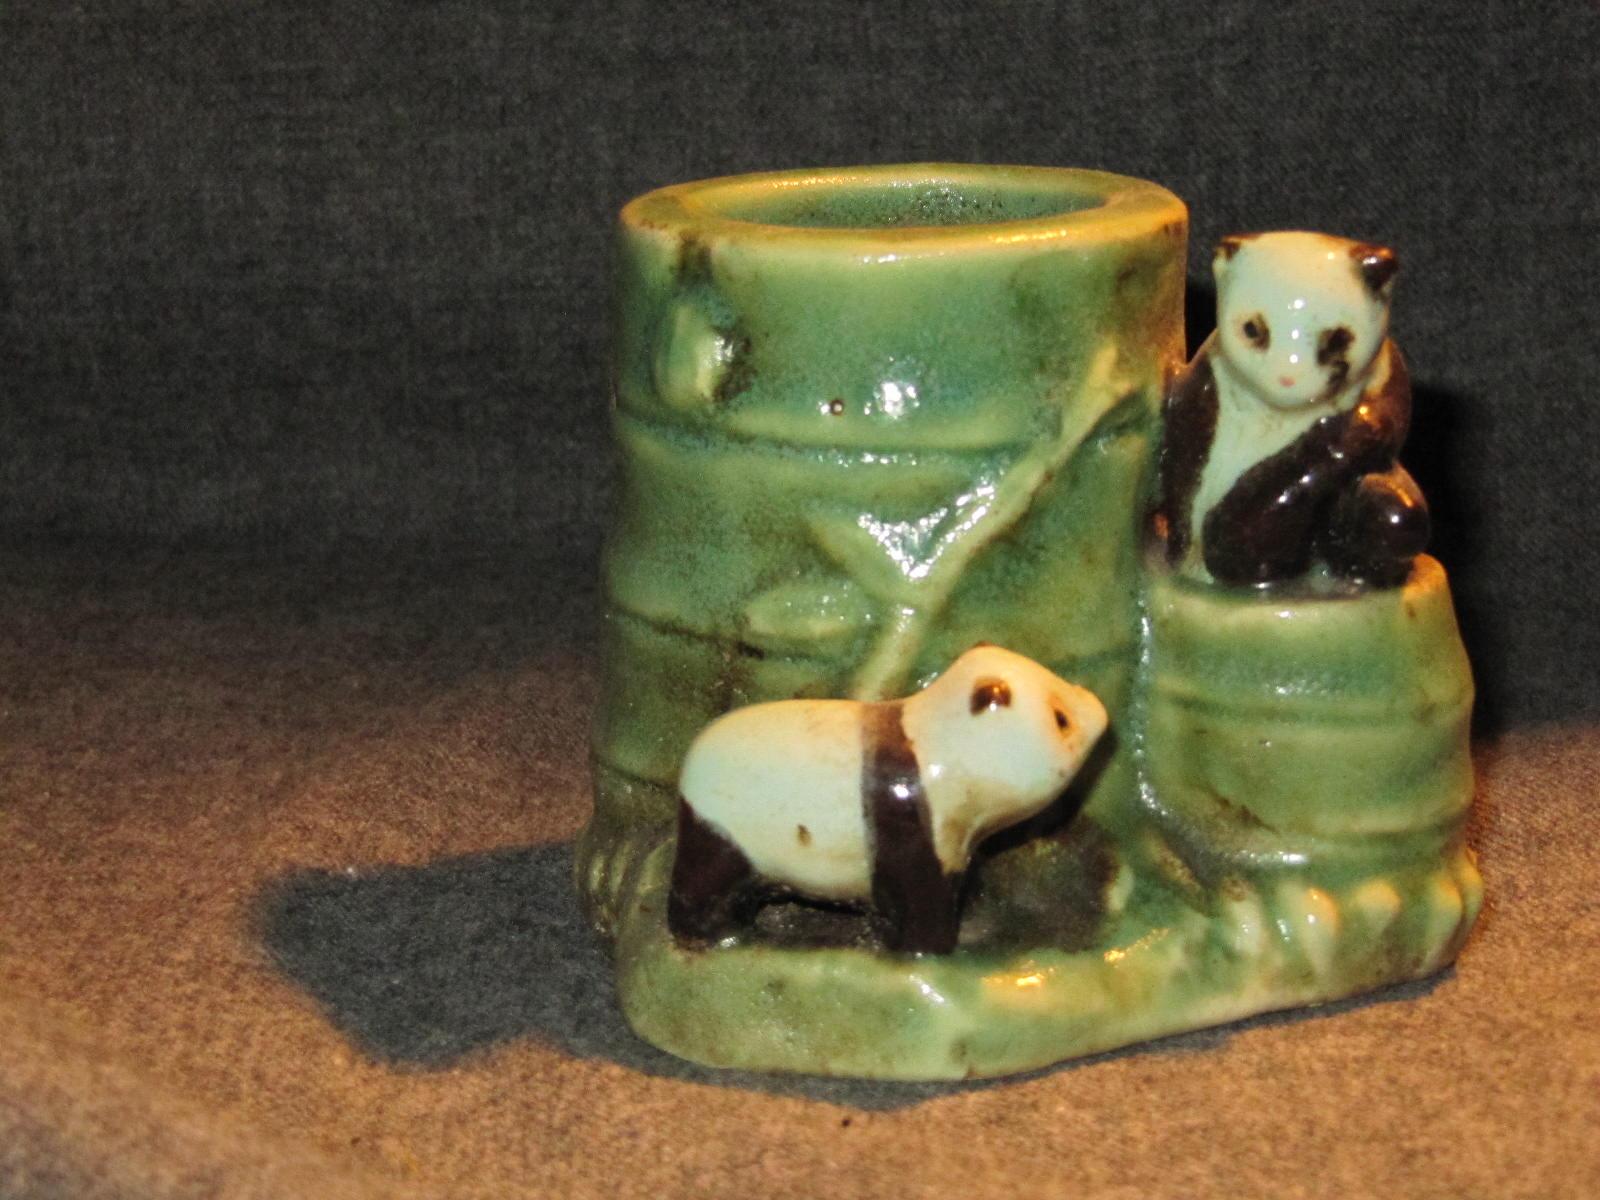 vendu petit pot en c ramique tron on de bambou et 2 pandas mes collections ordo ab chao. Black Bedroom Furniture Sets. Home Design Ideas